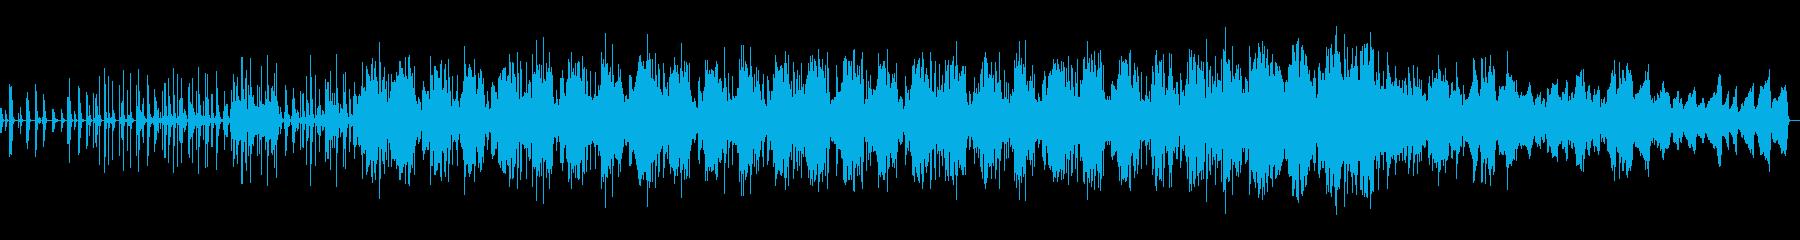 幻想的なヒーリングミュージックの再生済みの波形